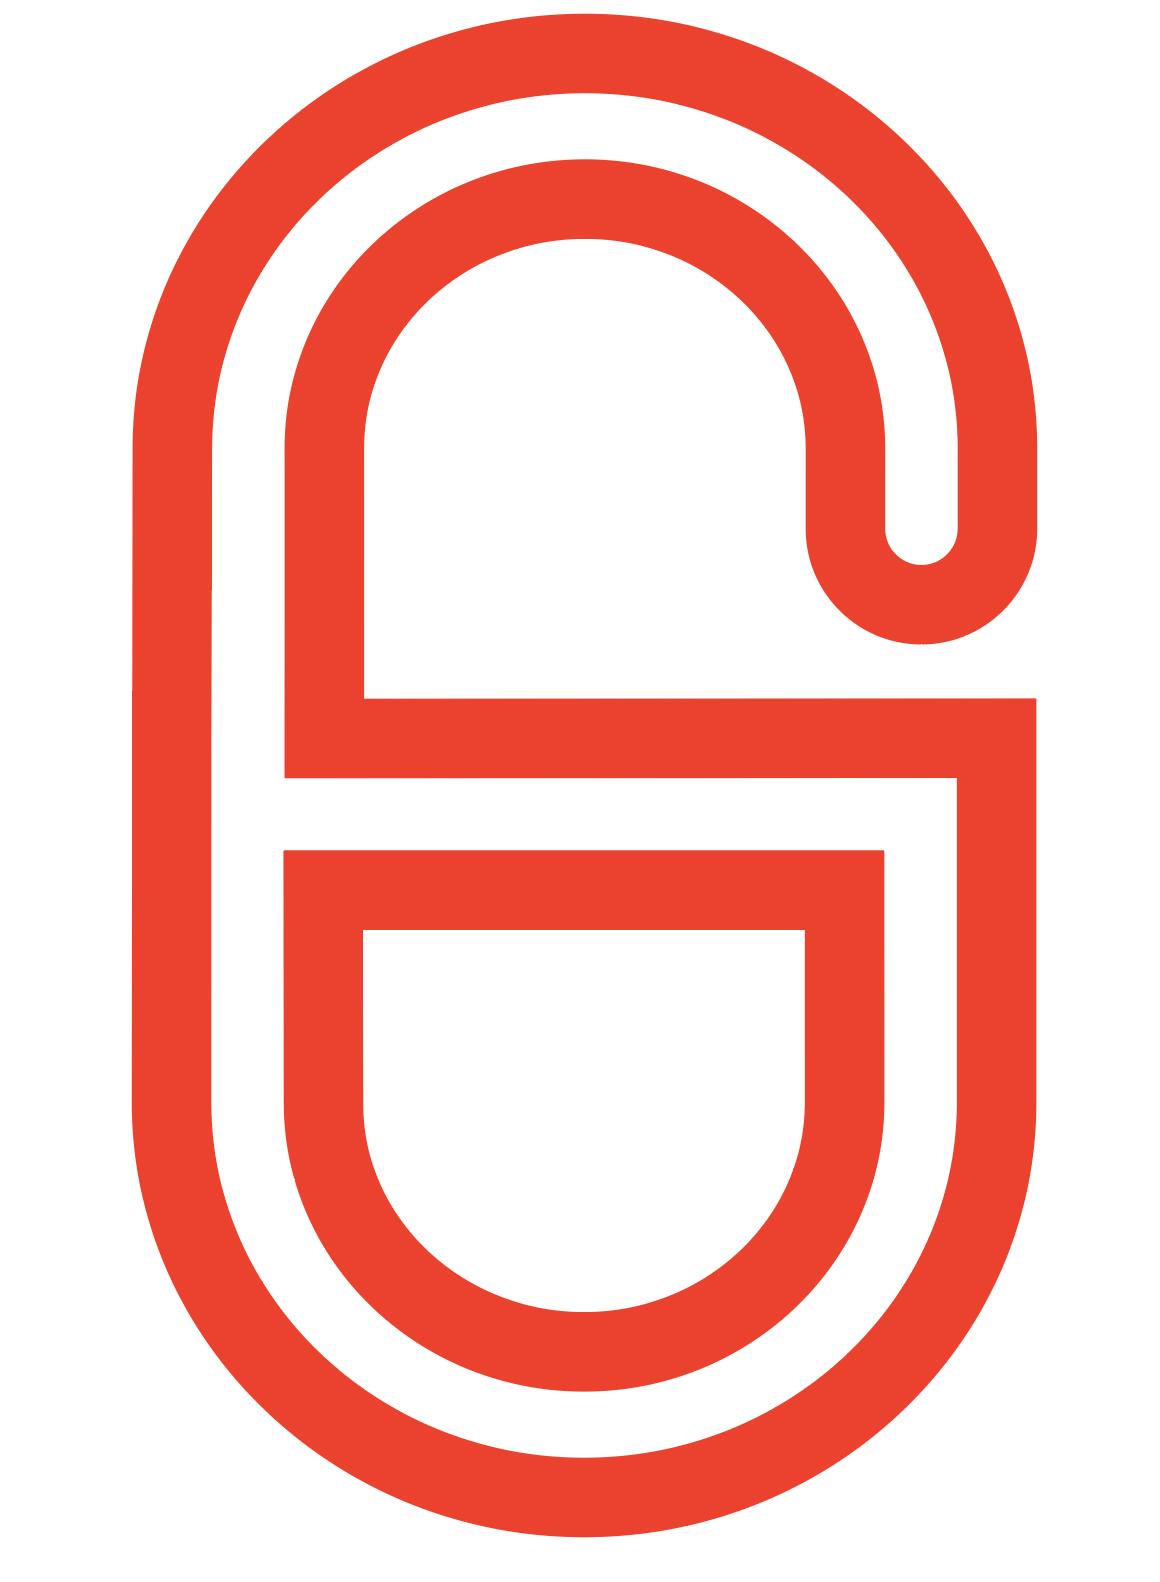 Big.g2.jpg